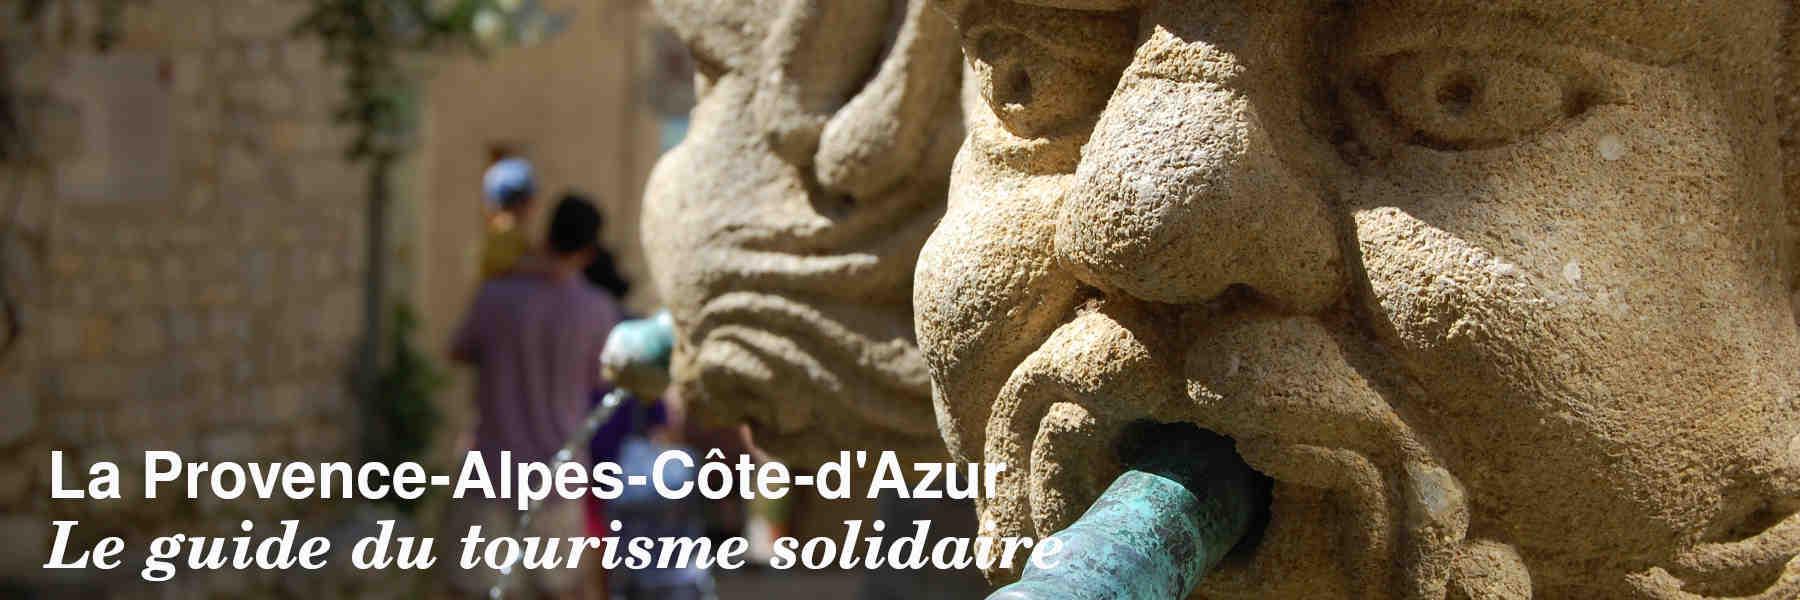 Le guide du tourisme solidaire en Provence-Alpes-Côte-d'Azur